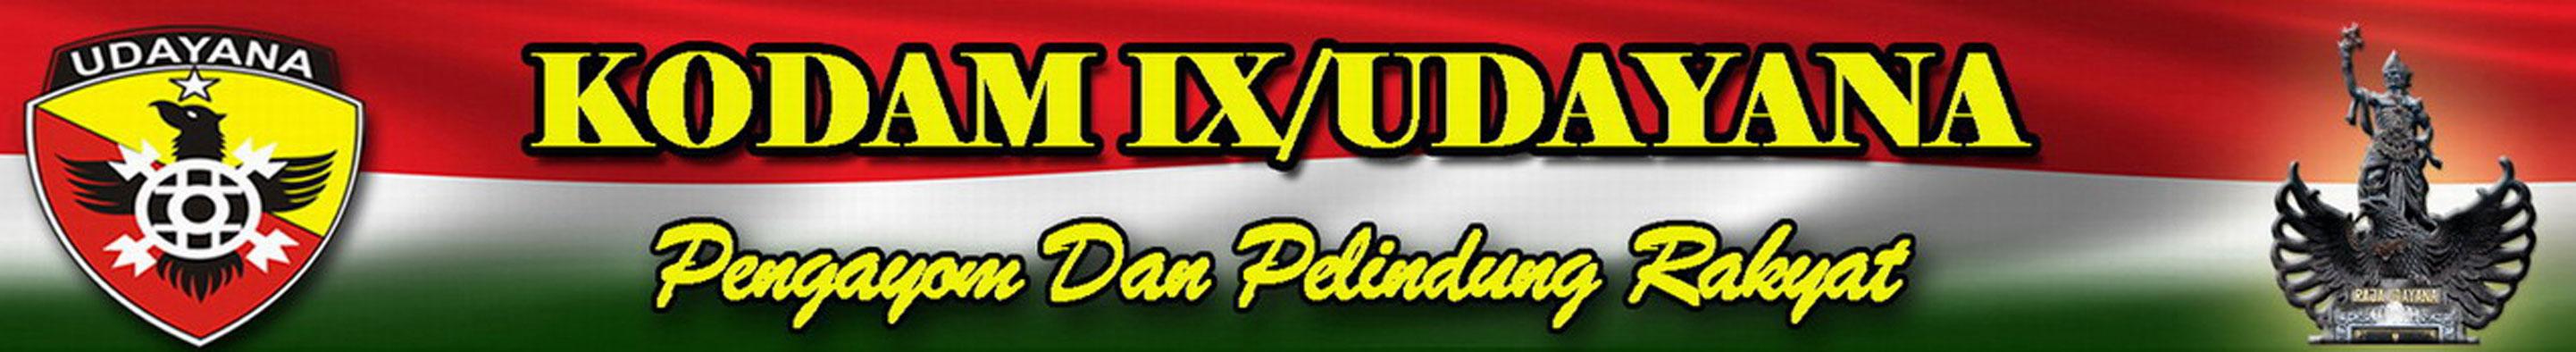 Kodam IX/Udayana - Denpasar